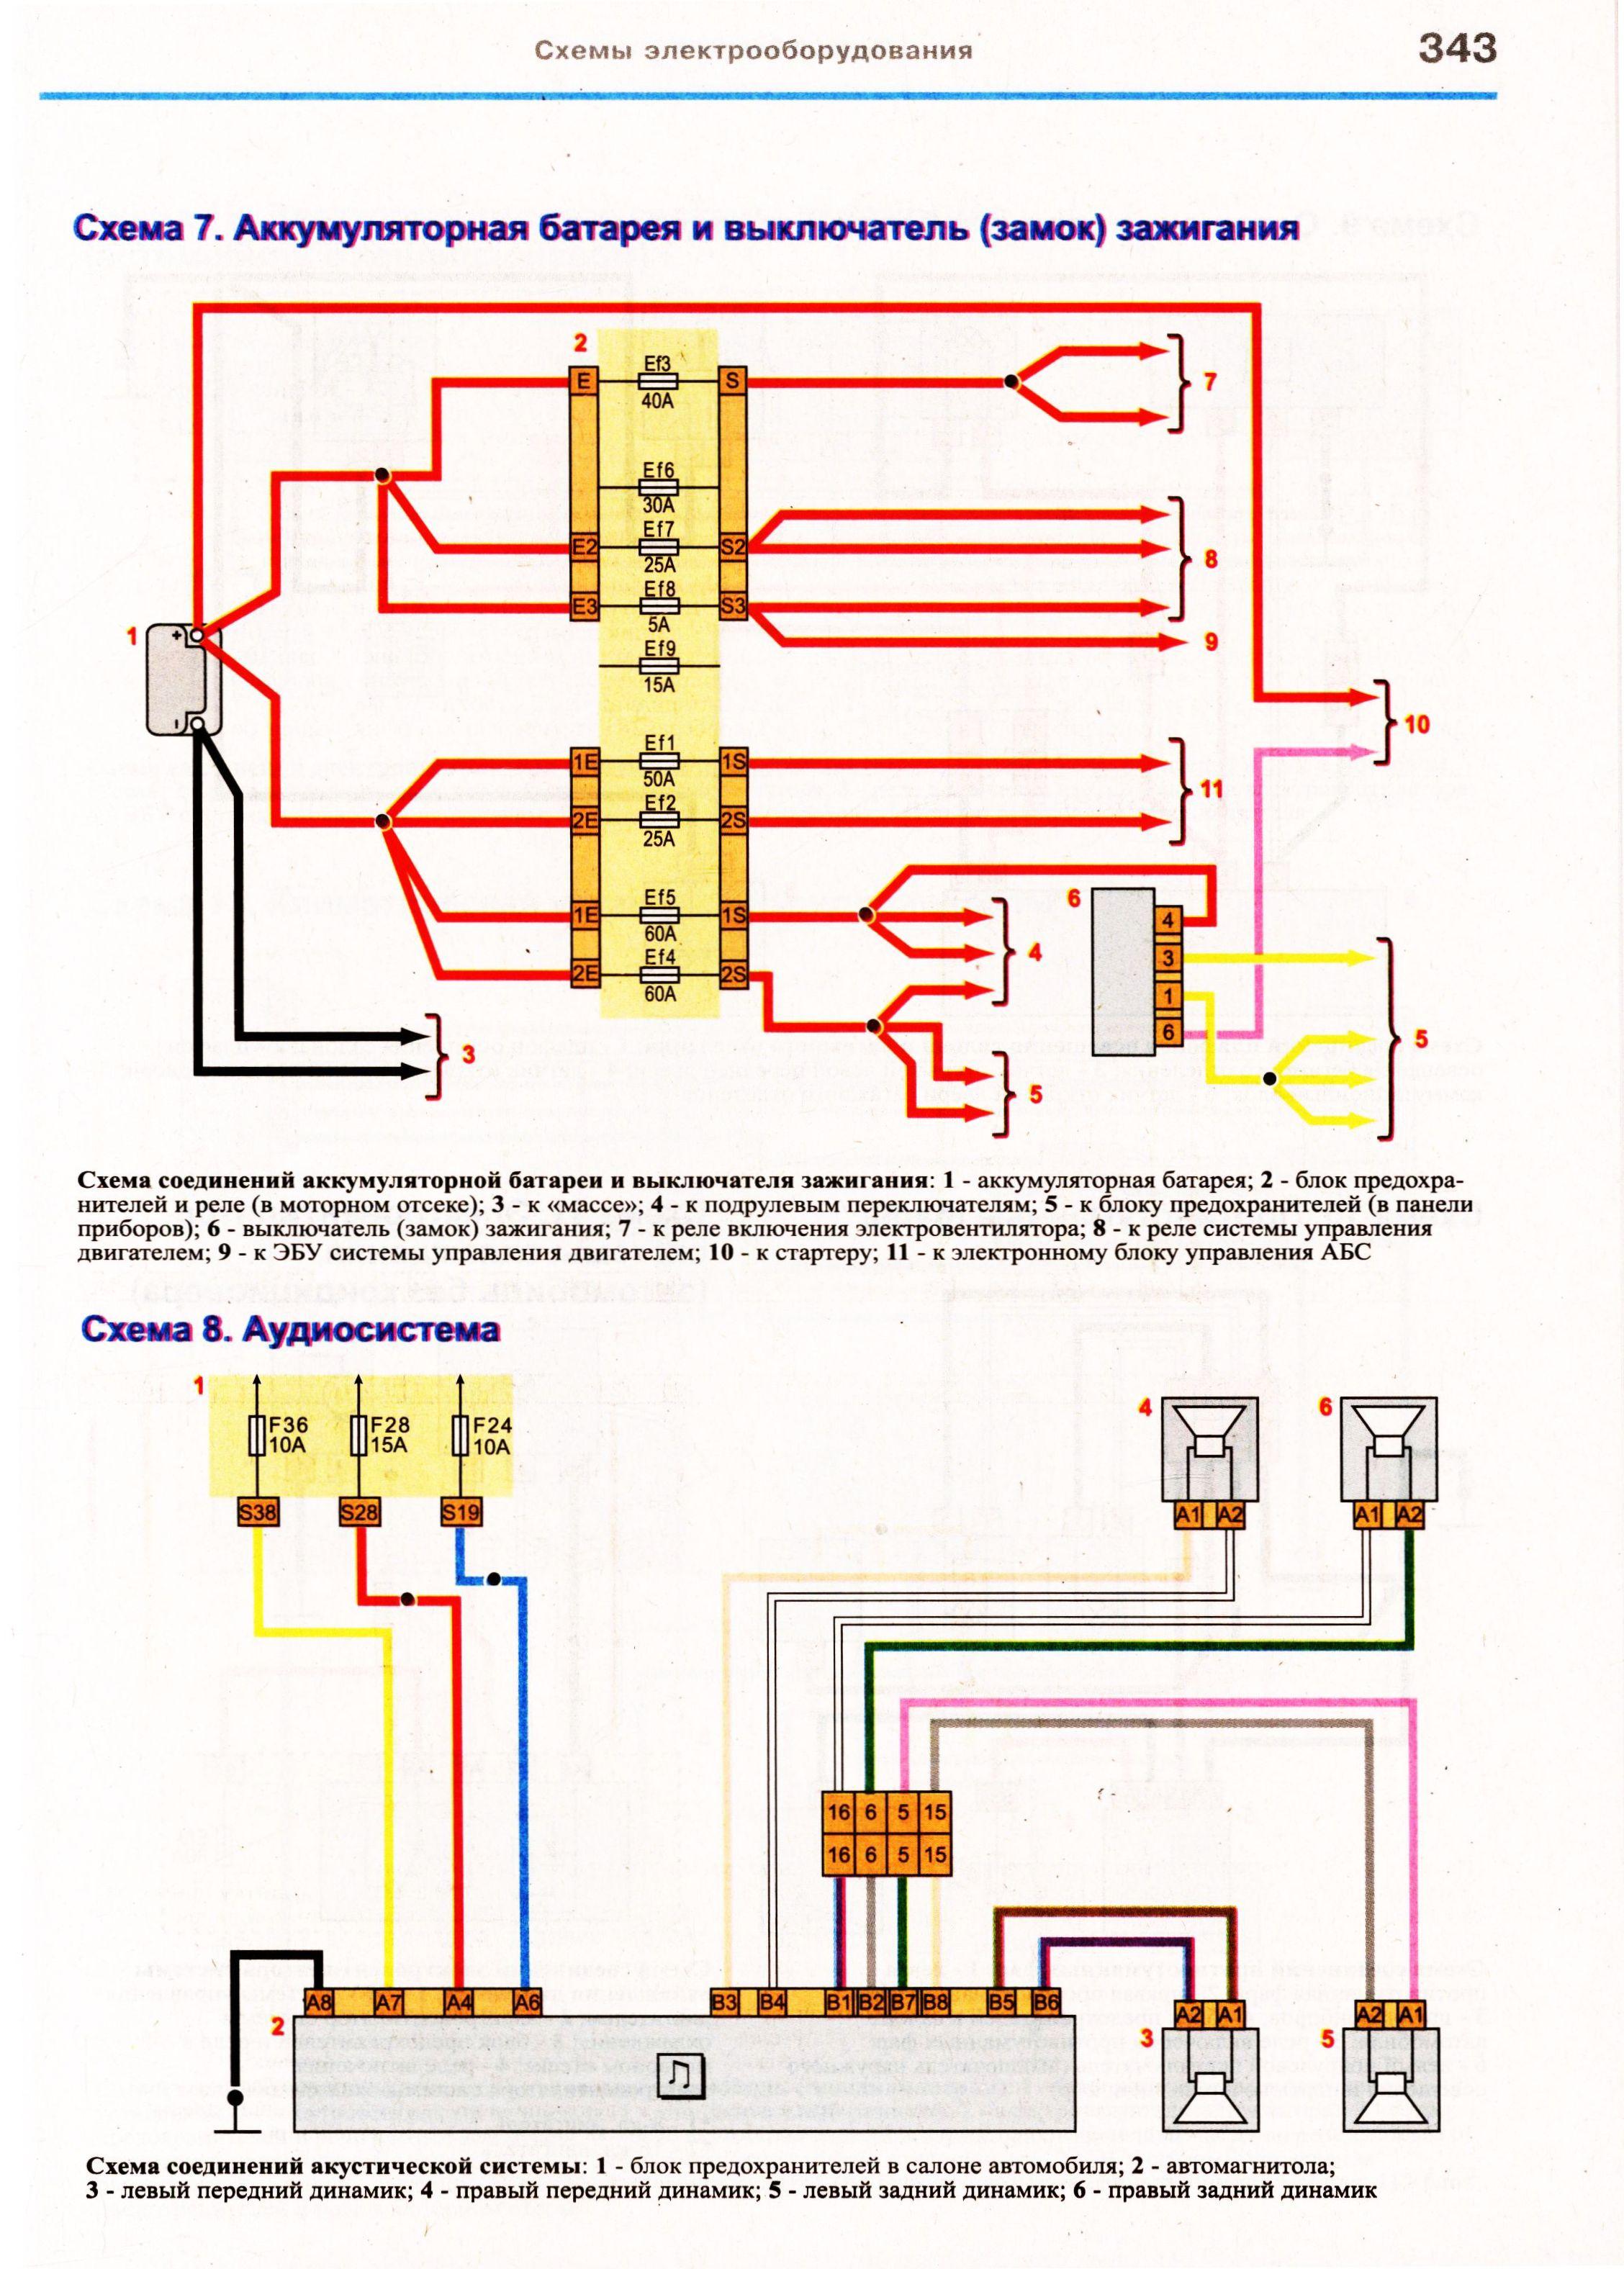 renault sandero 2011 инструкция по эксплуатации